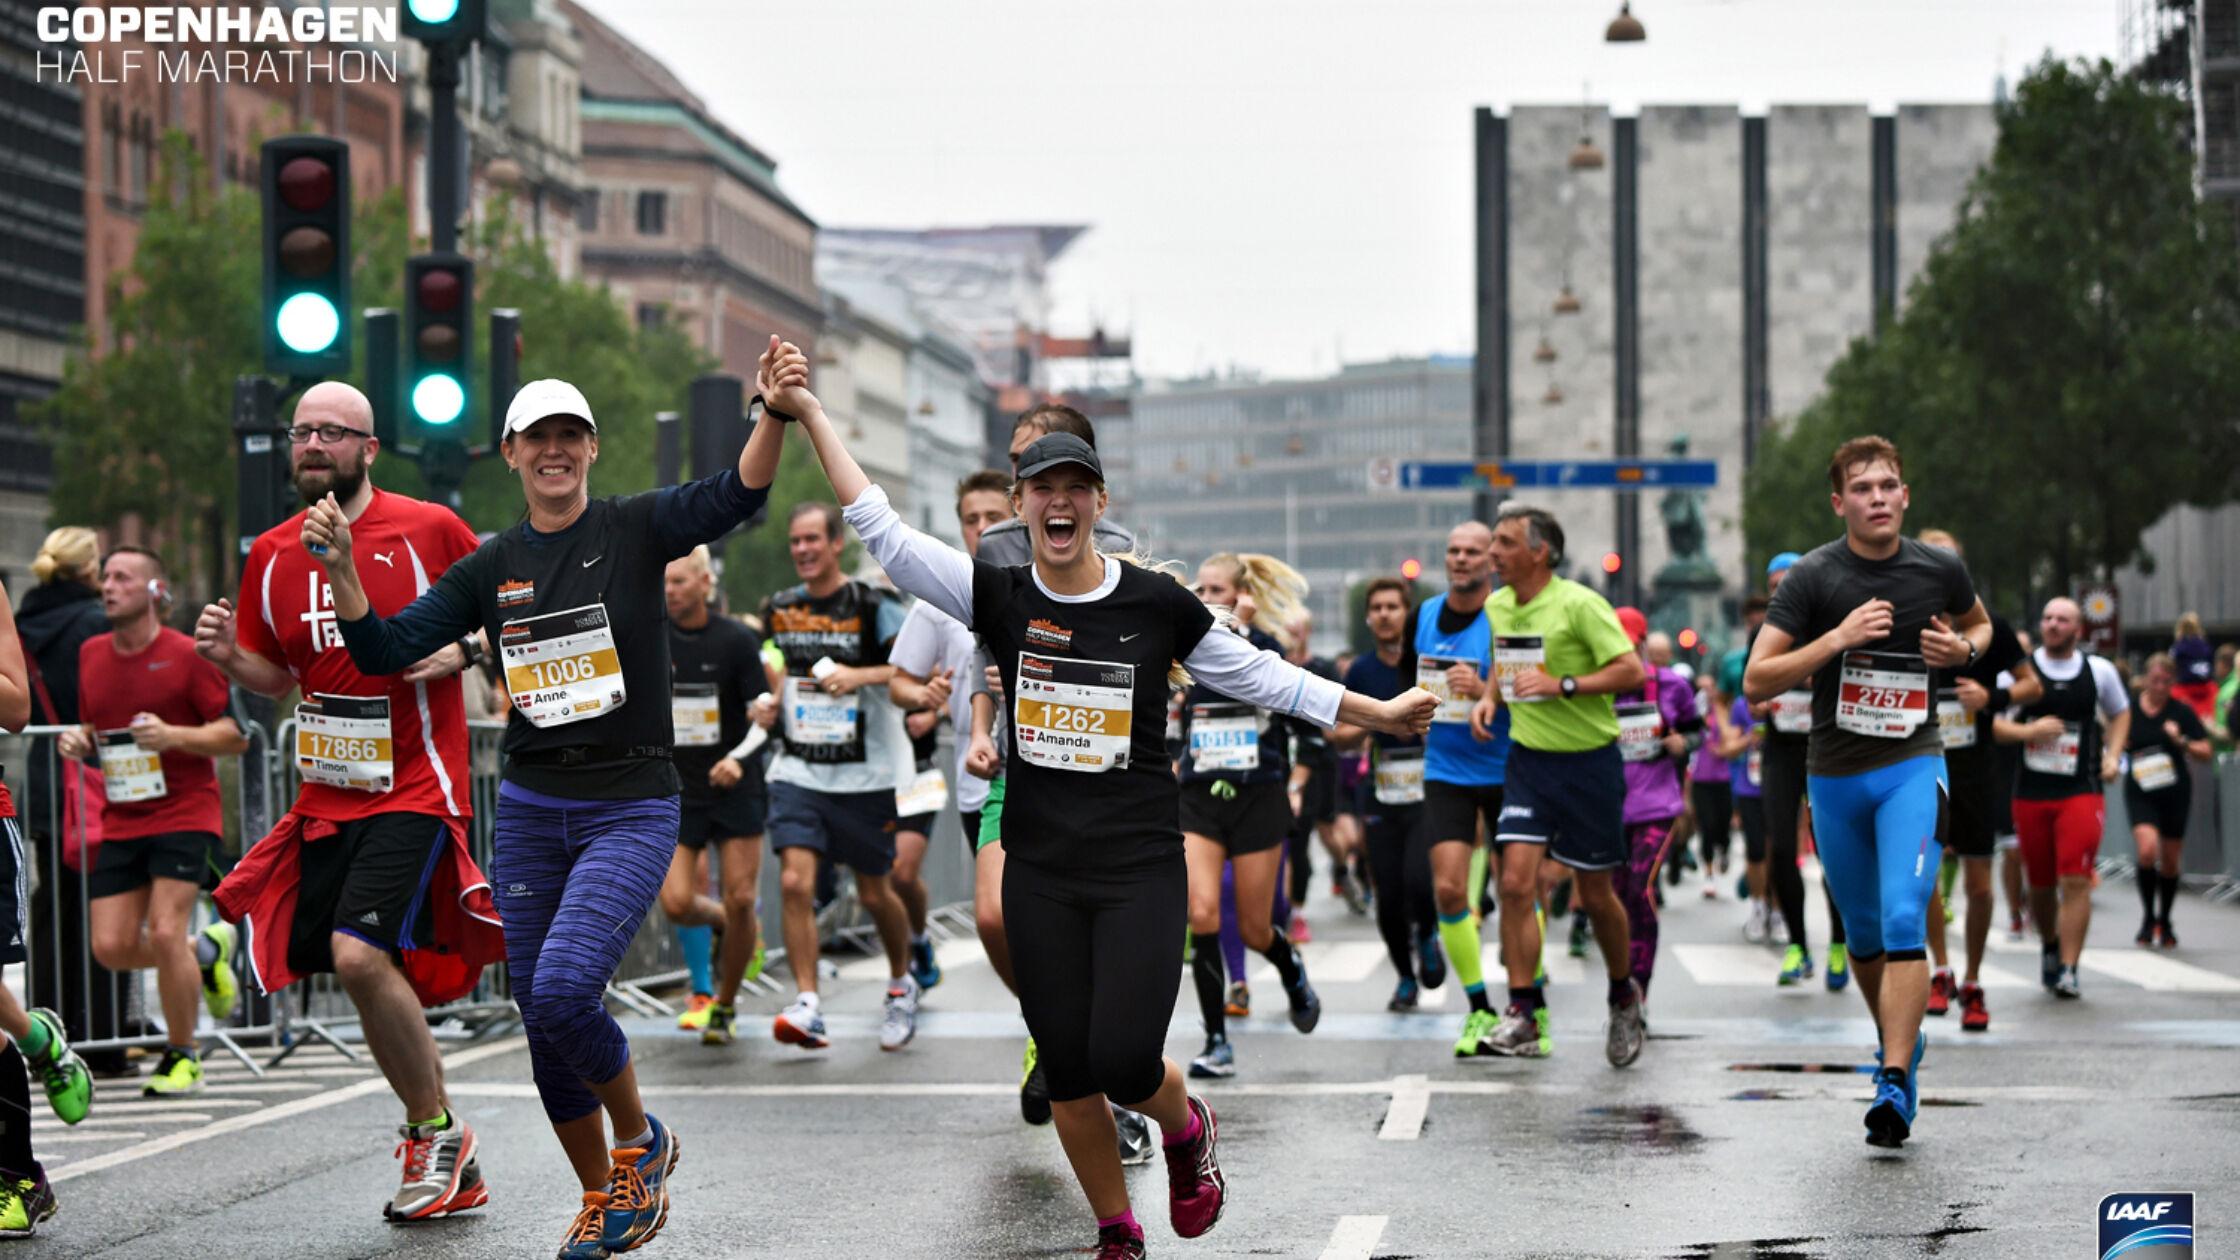 Copenhagen Halve Marathon: hardlopen in het buitenland